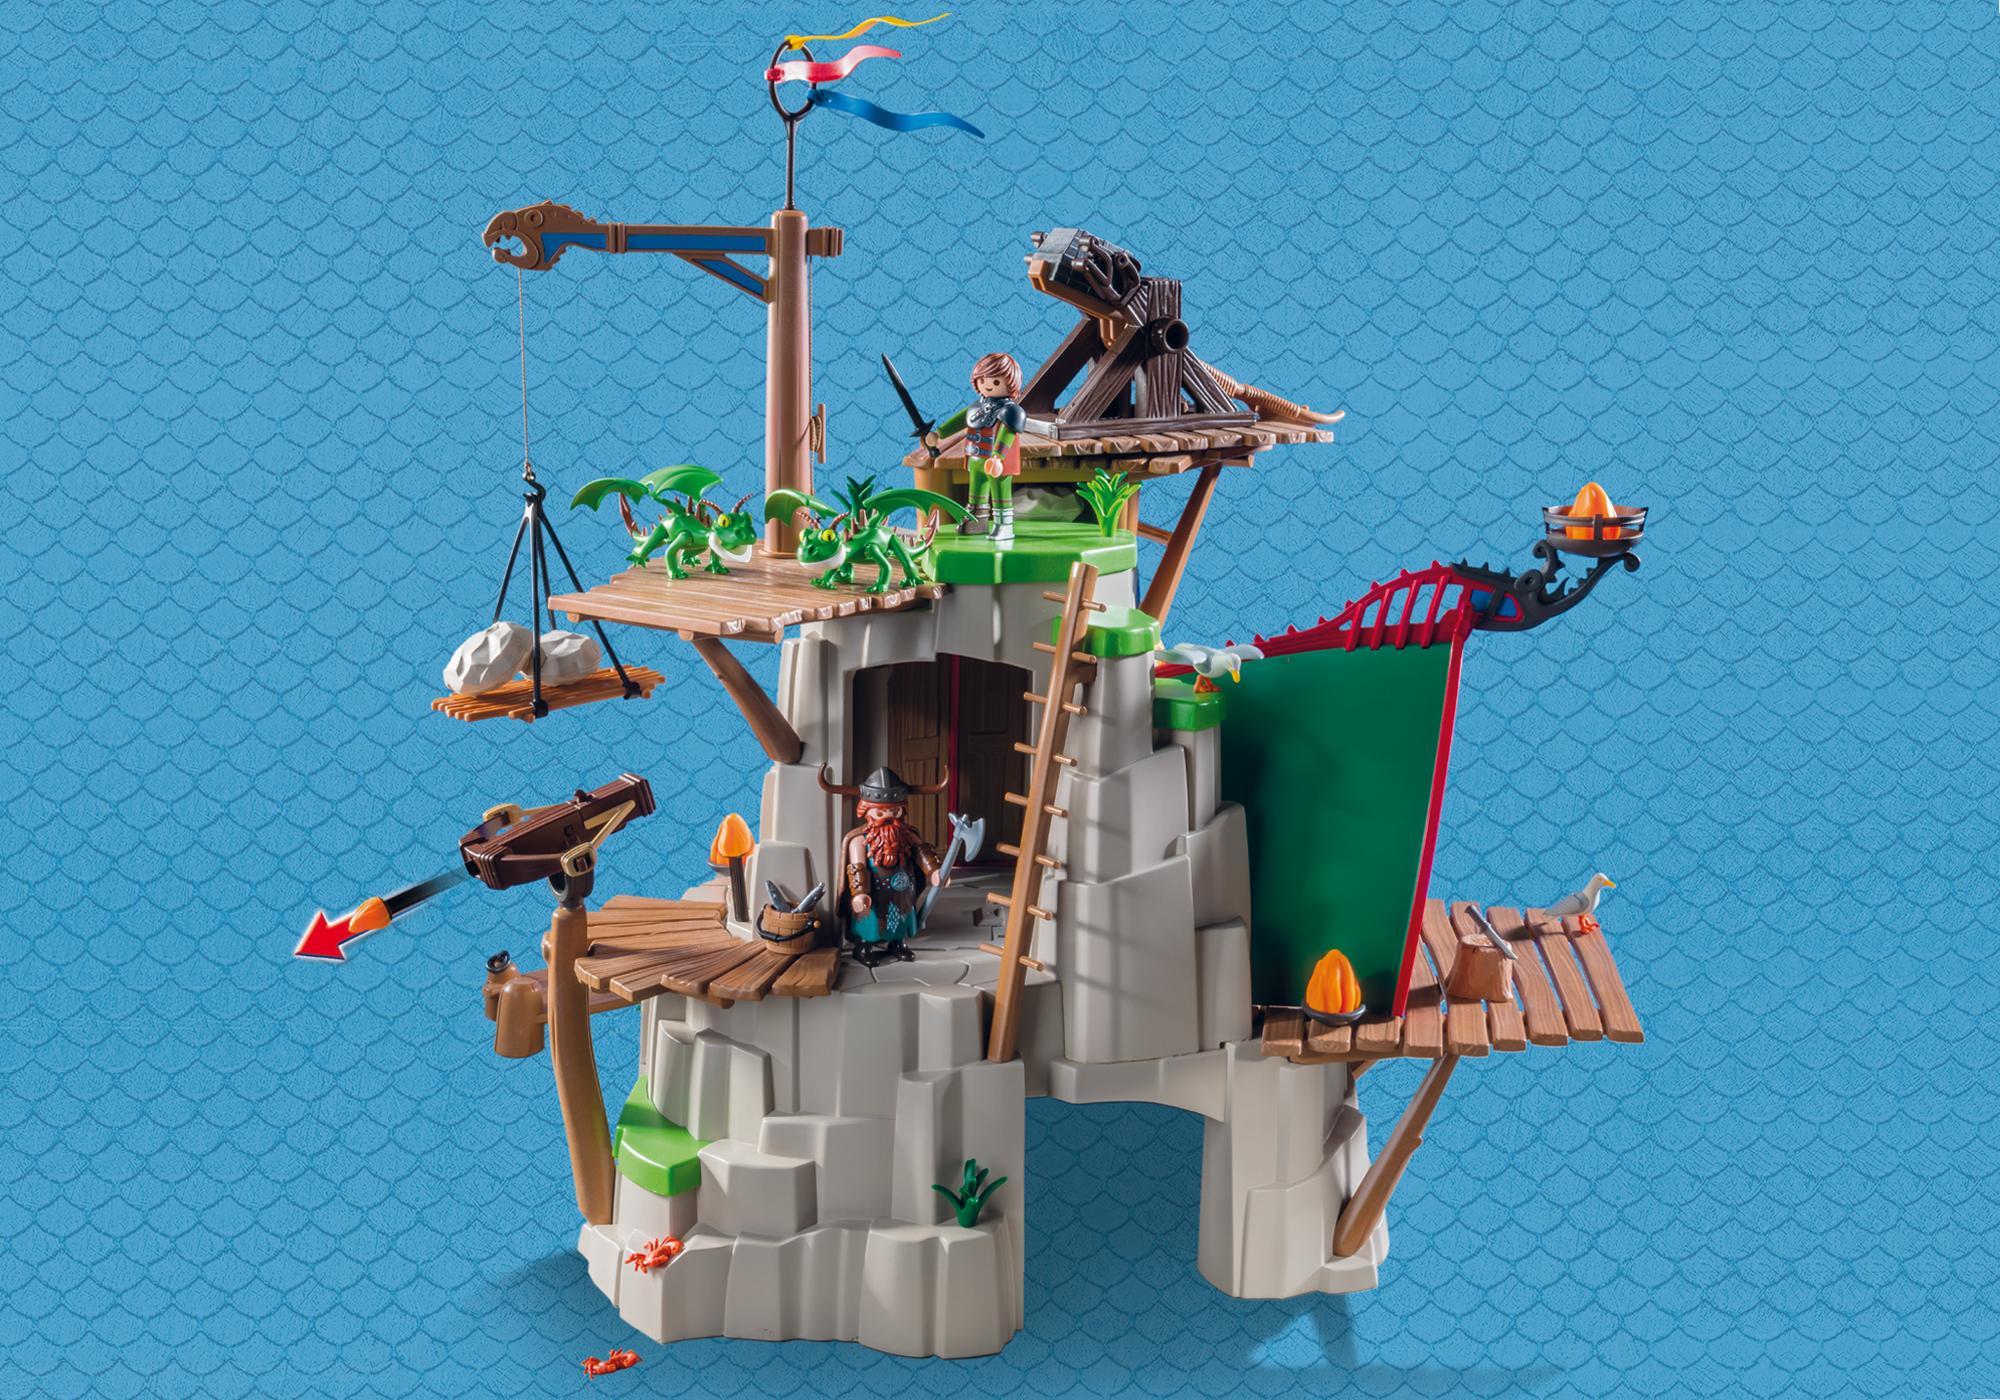 http://media.playmobil.com/i/playmobil/9243_product_extra1/Mema